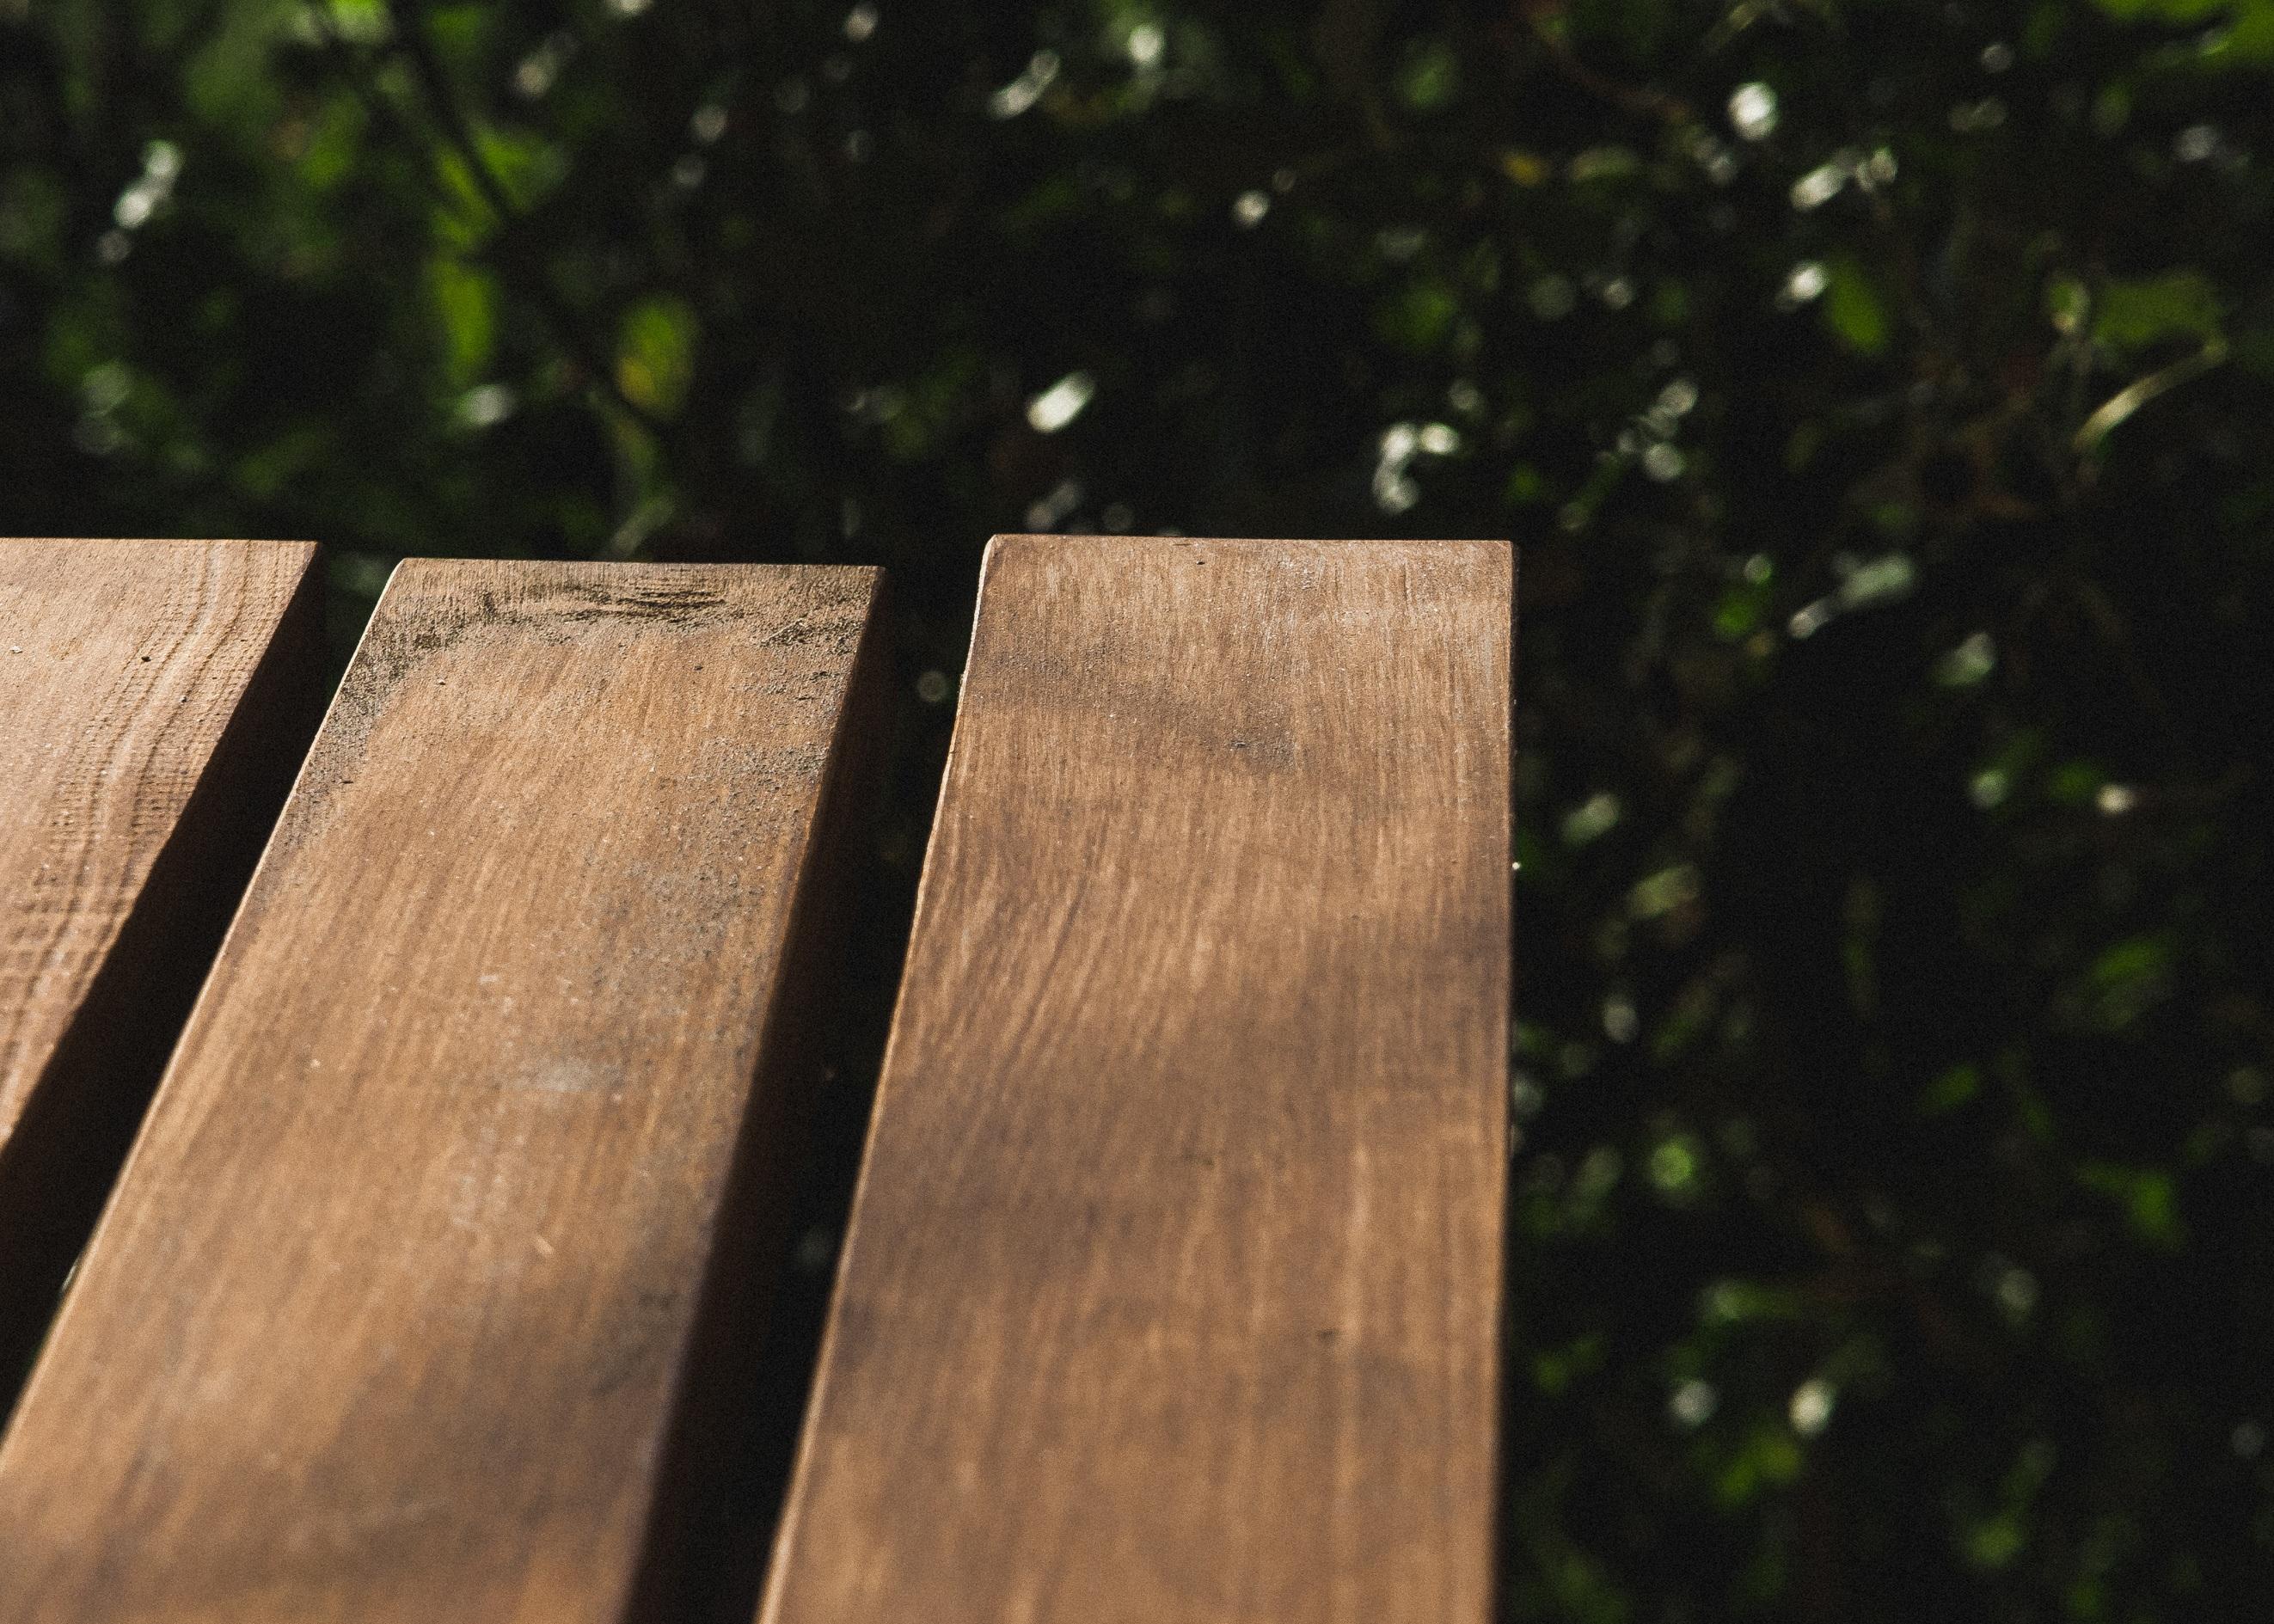 Fotos gratis : mesa, al aire libre, banco, textura, hoja, asiento ...